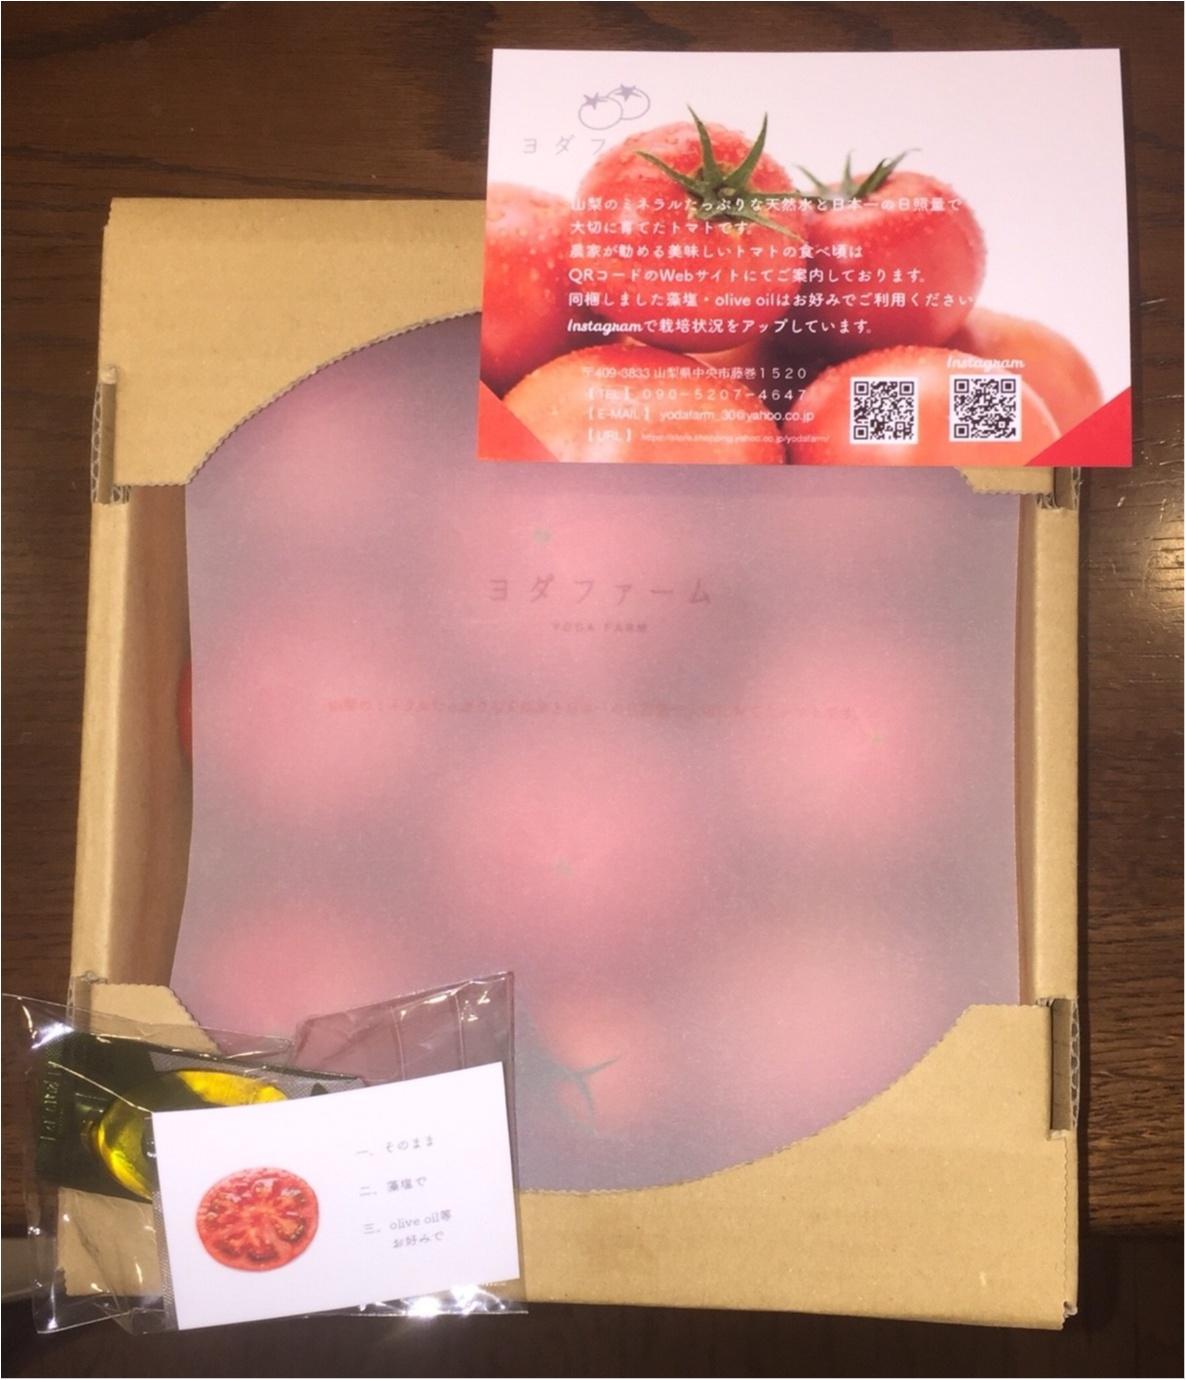 【日本一】の日照量と天然水で育ったヨダファームのトマトが新鮮・安全・美味しい!_2